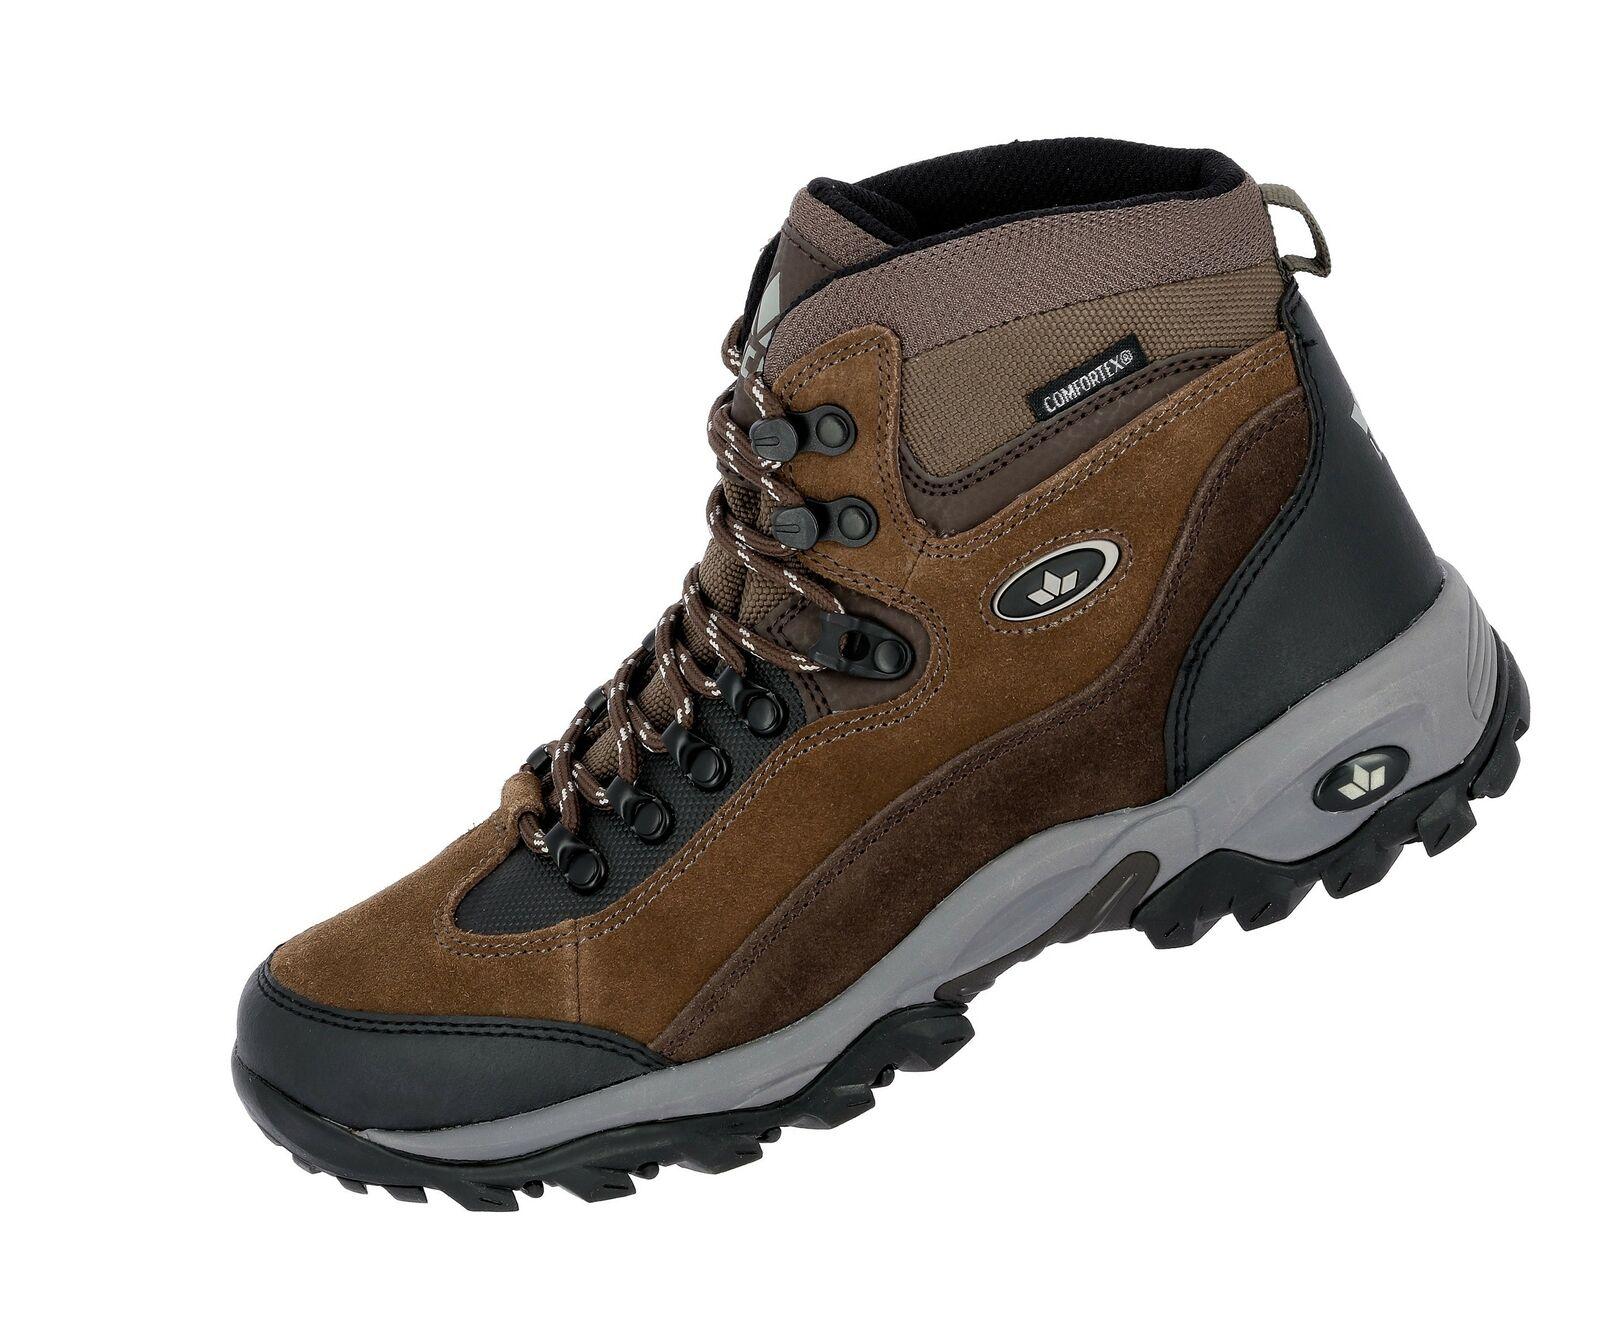 Lico trekking botas milan noté Al aire libre con  cordones gamuza de cuero marrón  liquidación hasta el 70%